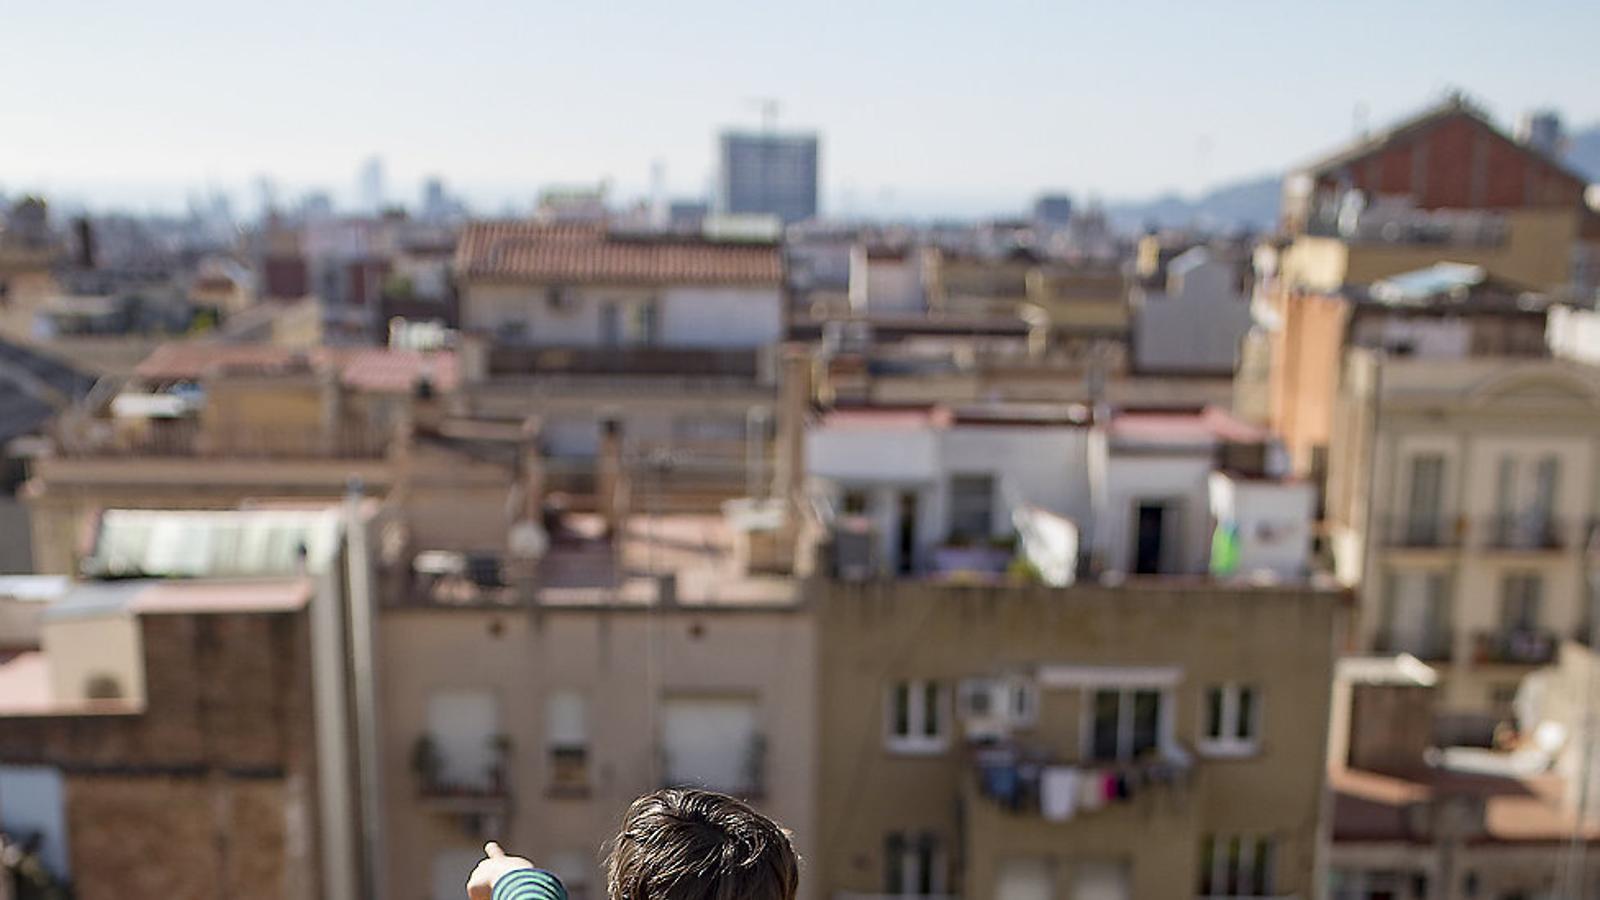 Un nen mirant la ciutat des del terrat de casa.